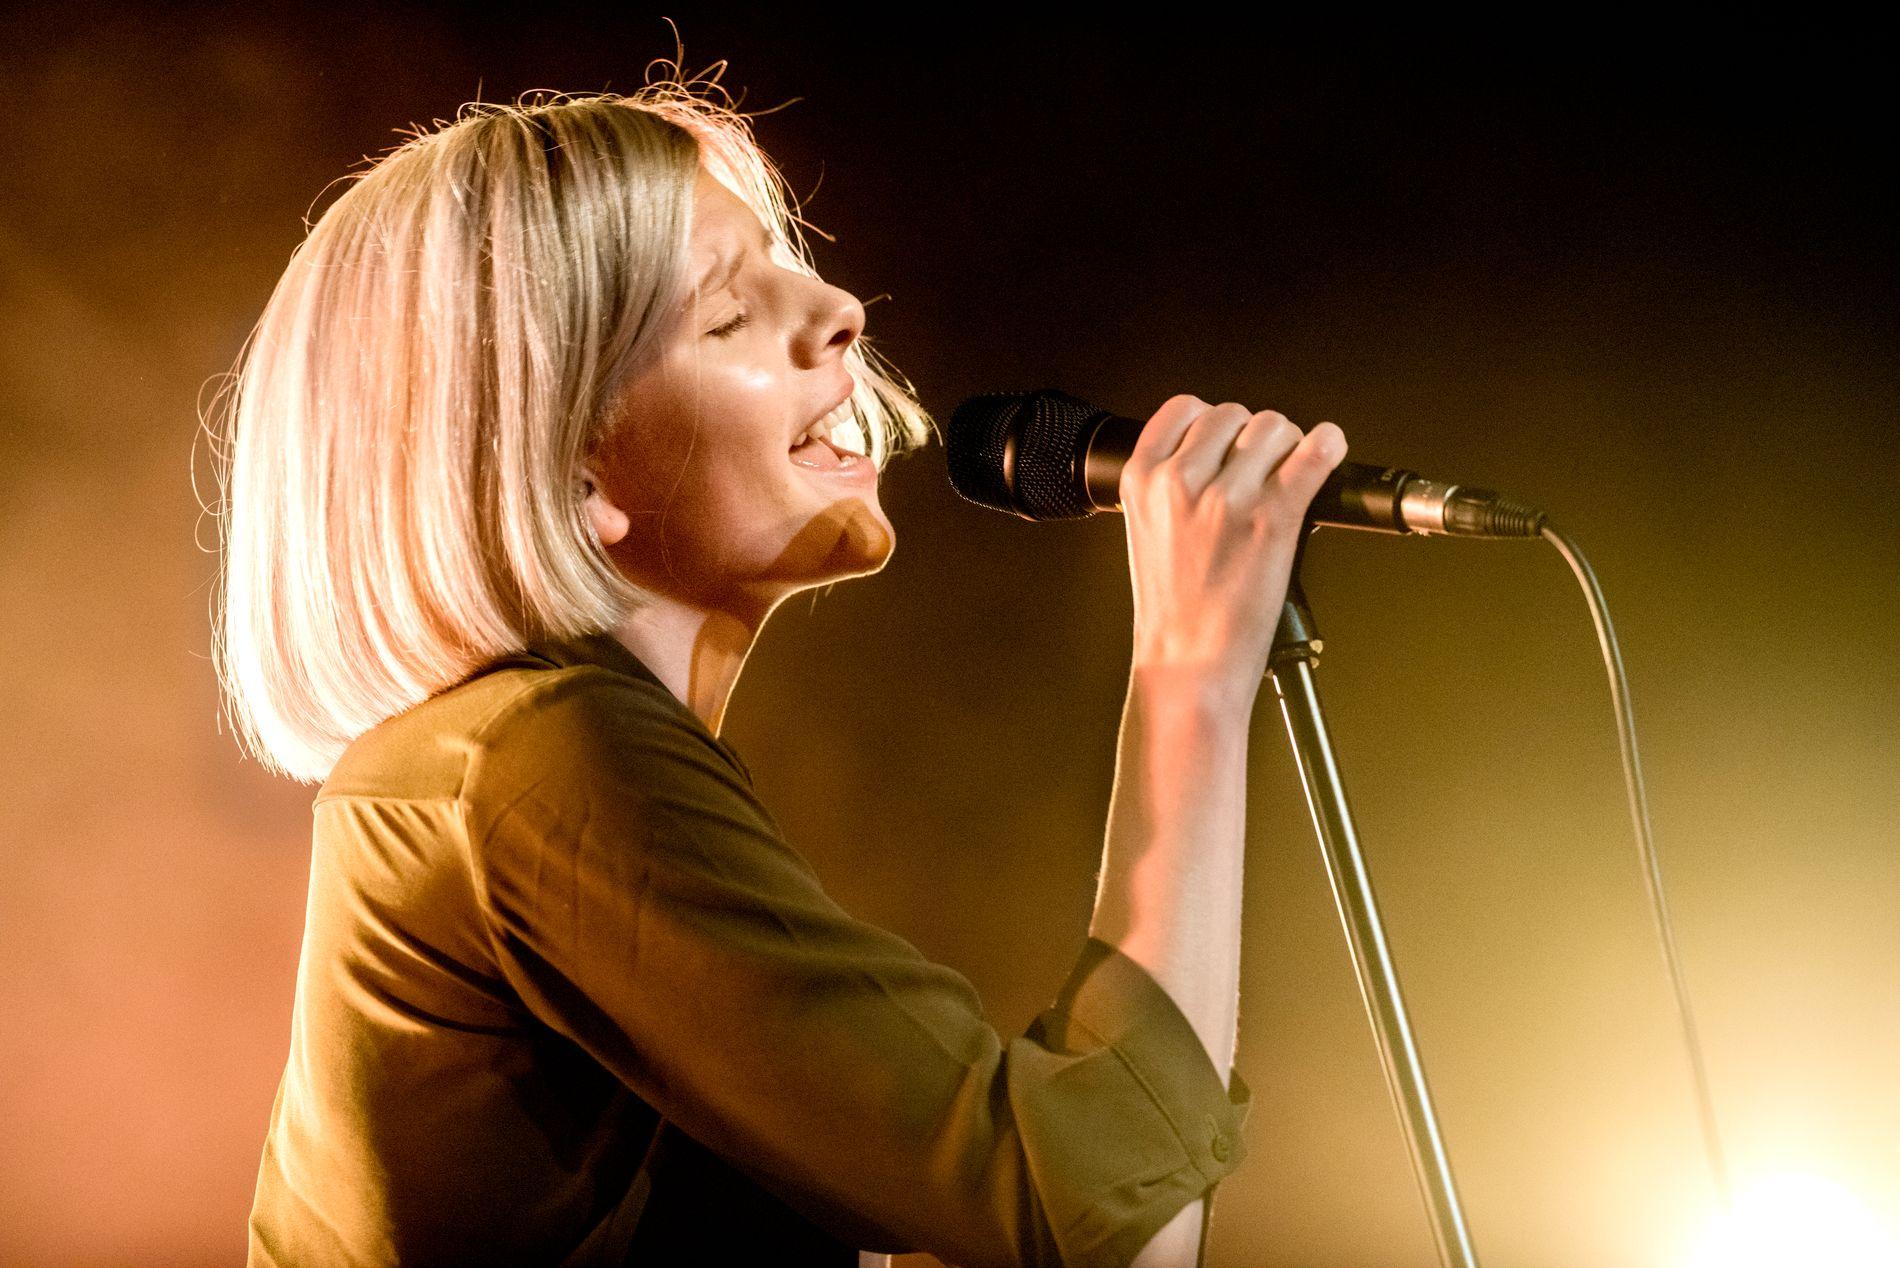 PÅ STAVERNFESTIVALEN: Aurora Aksnes hadde konsert på Stavernfestivalen torsdag kveld.  Dette er fra en tidligere konsert hun holdt på Parkteateret i 2015.